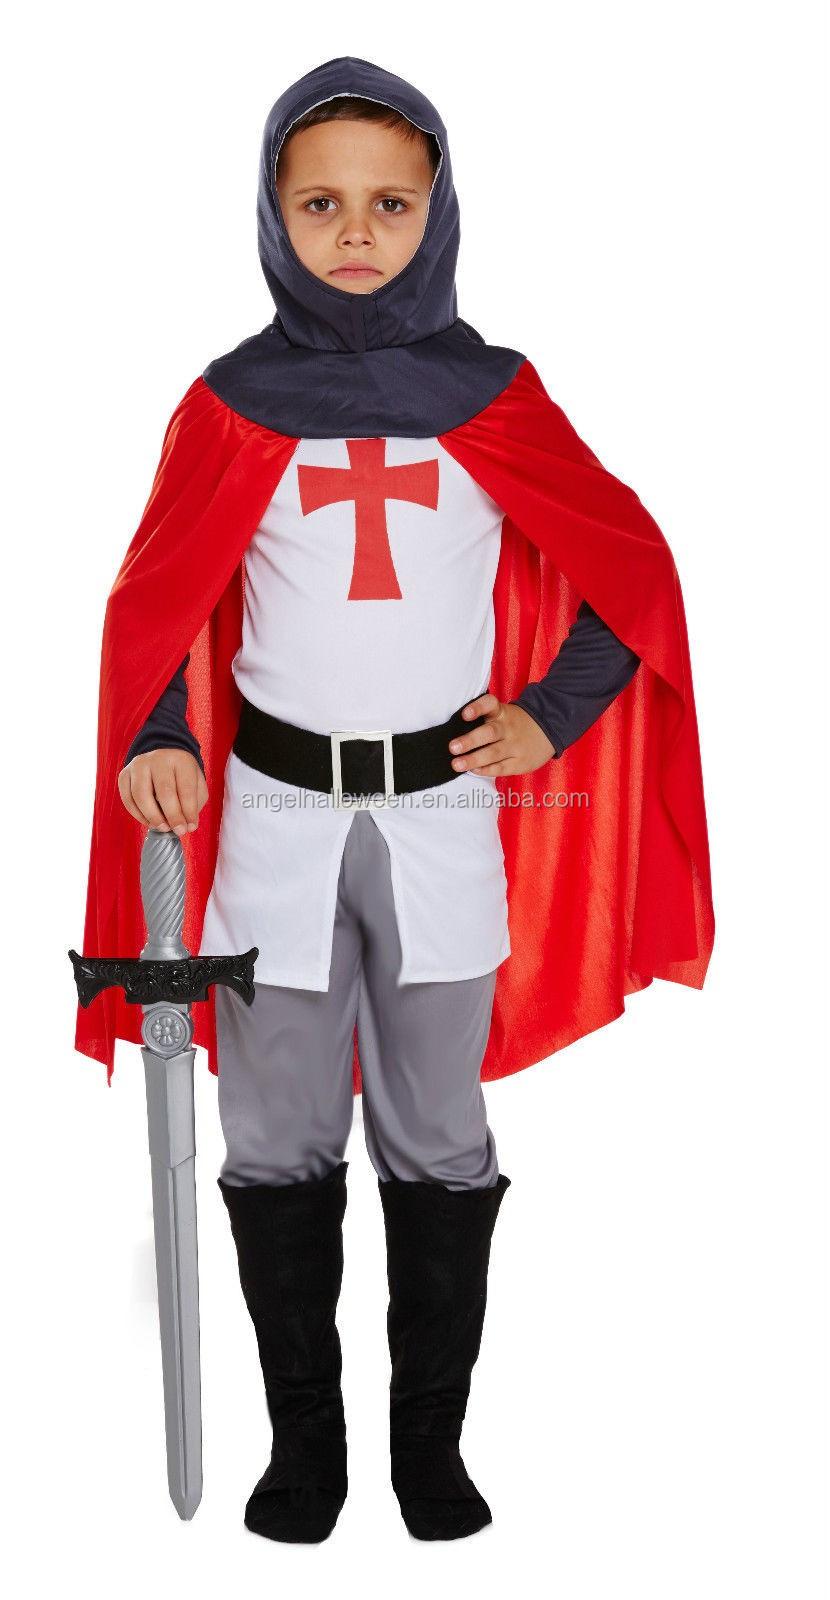 Как сшить костюм рыцаря для мальчика своими руками? 97